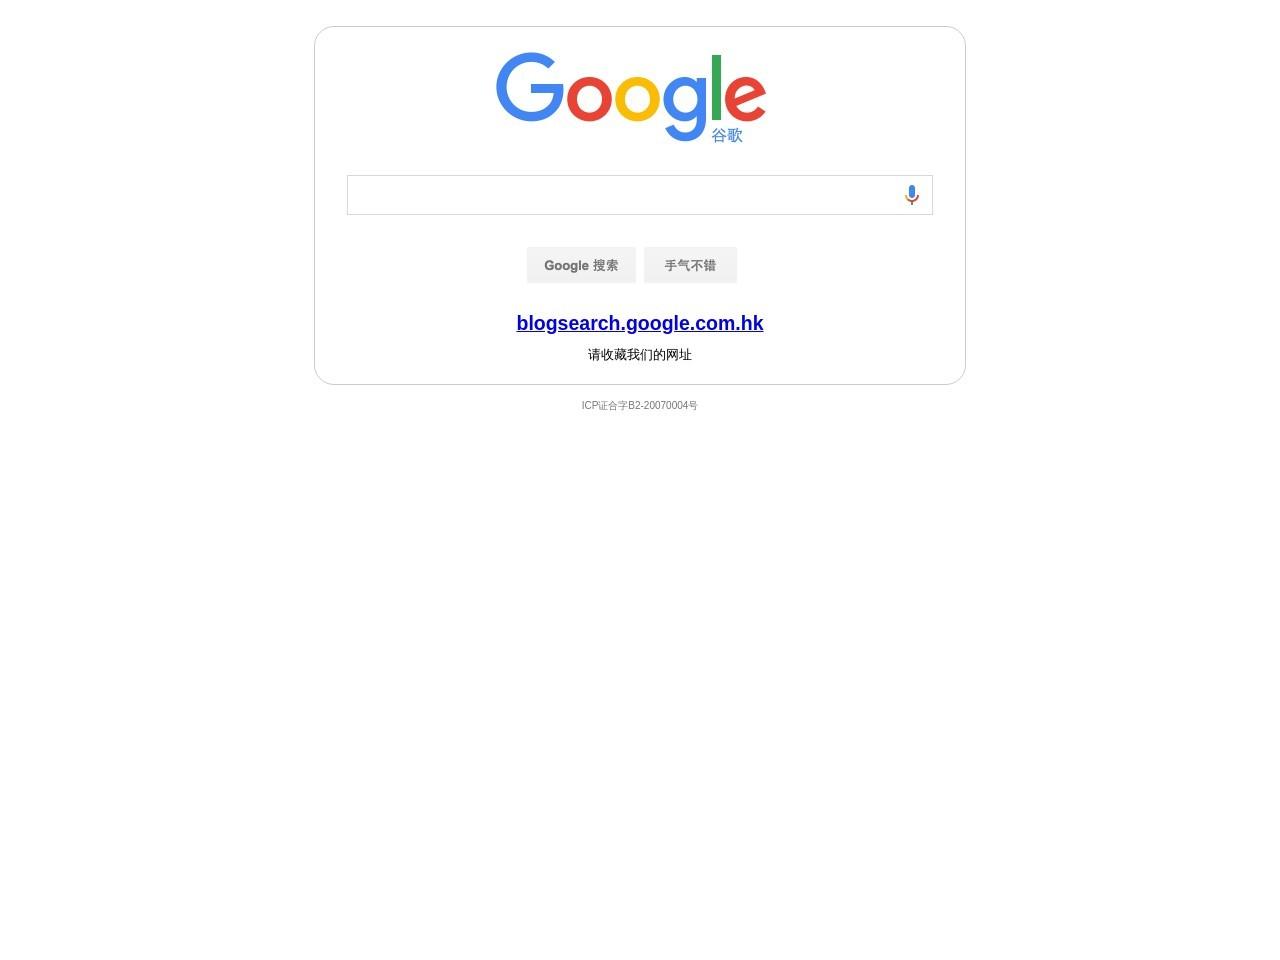 Google 博客搜索截图